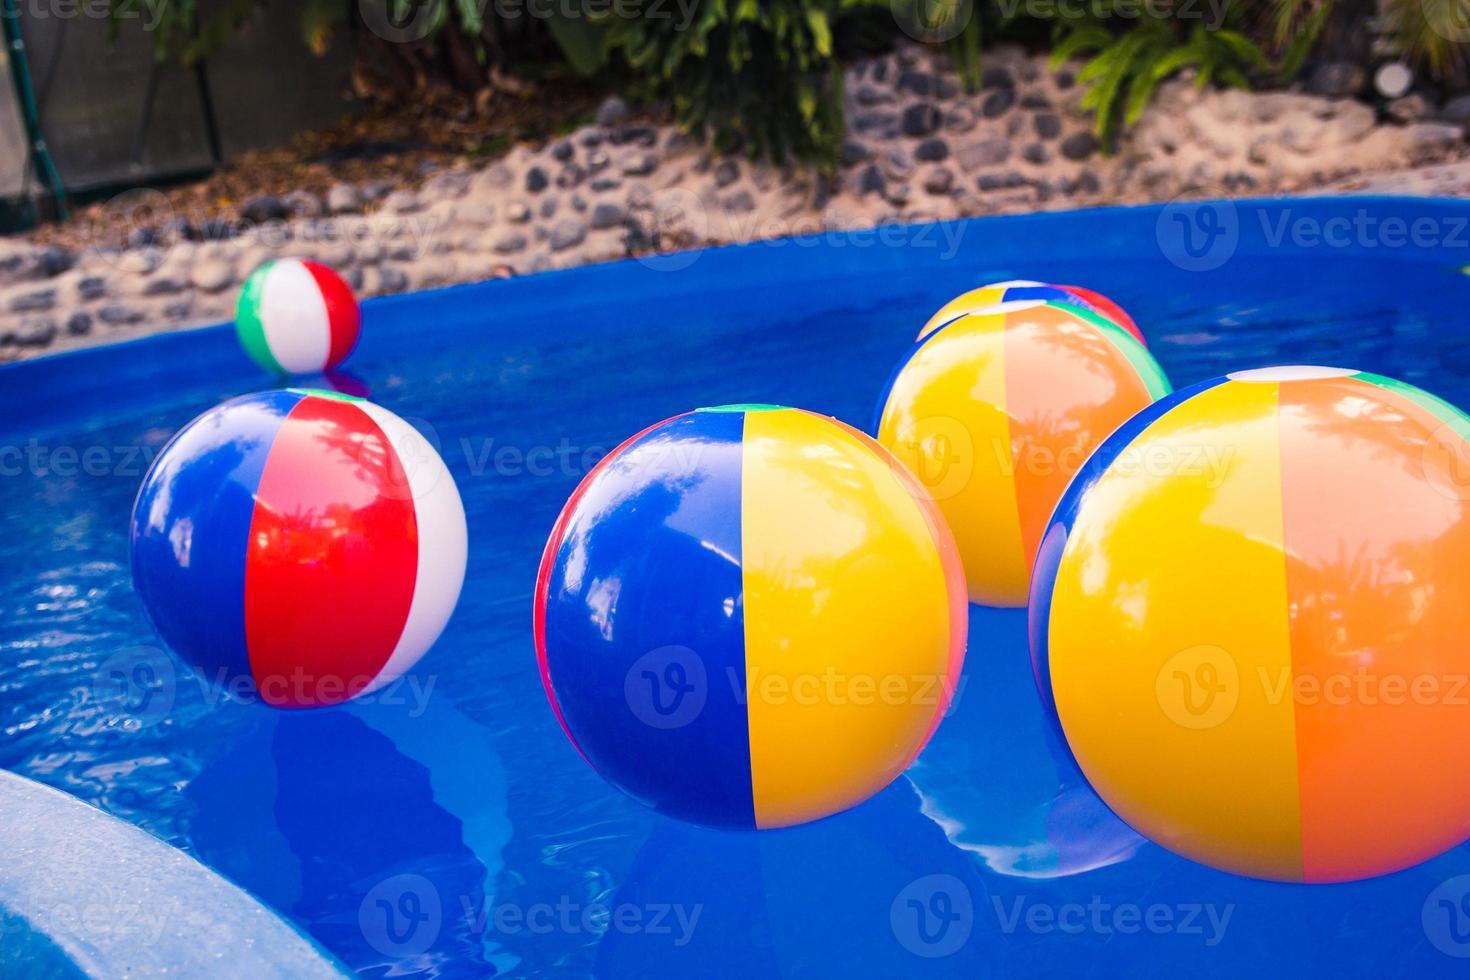 kleurrijke strandballen drijvend in het zwembad foto